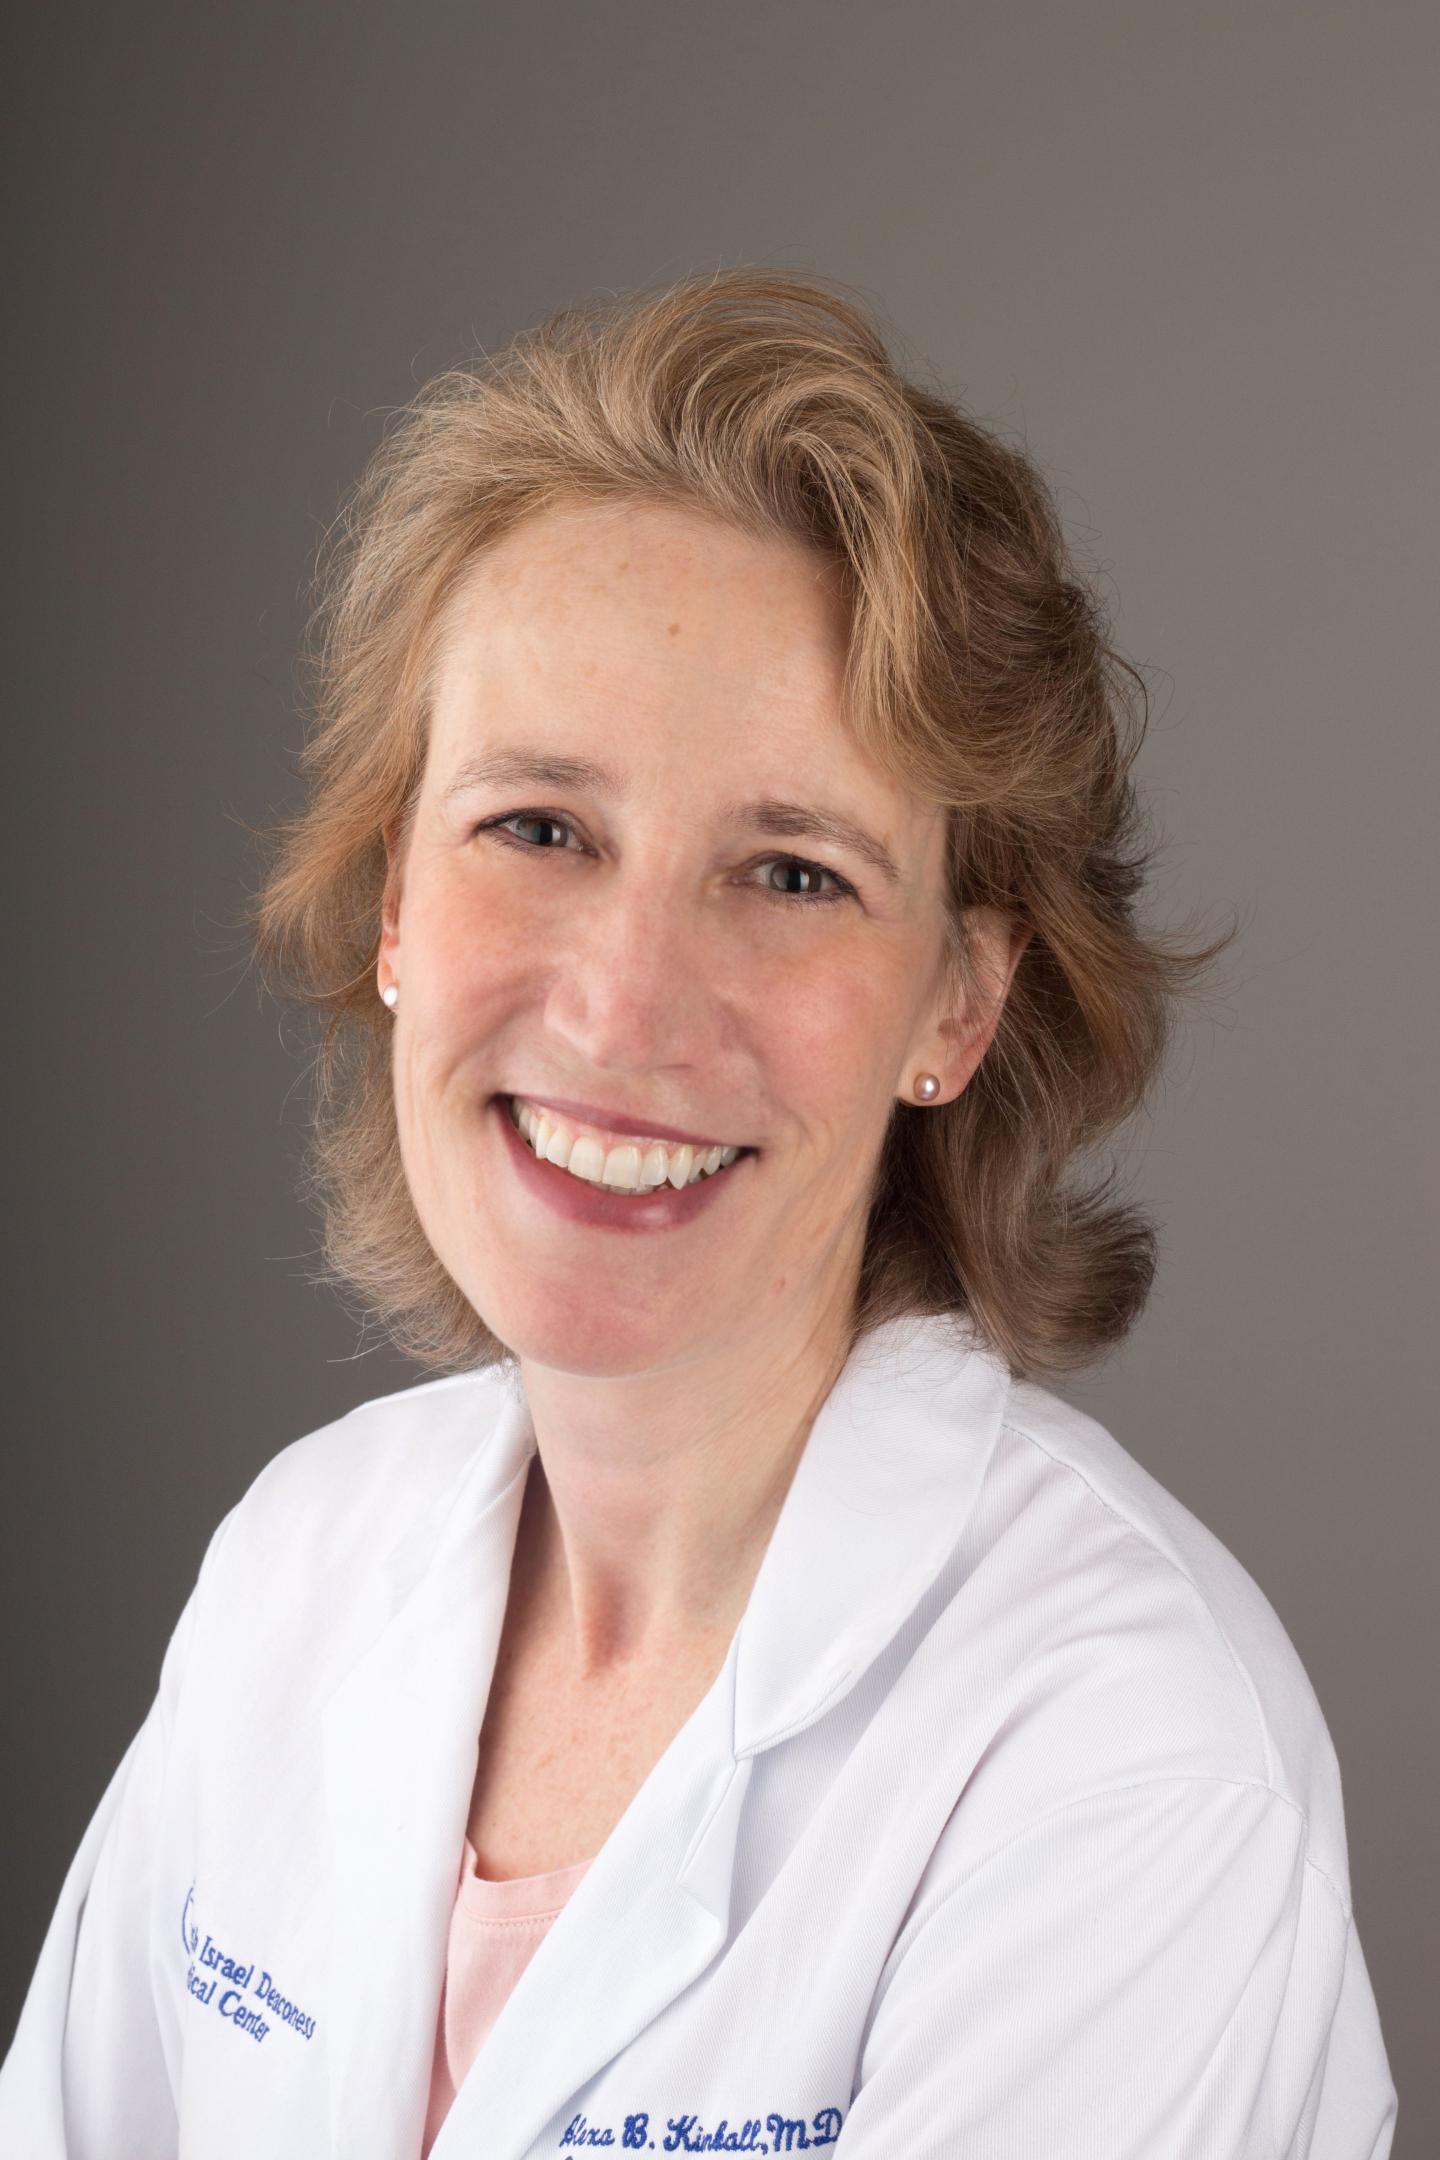 Alexa B. Kimball, Beth Israel Deaconess Medical Center